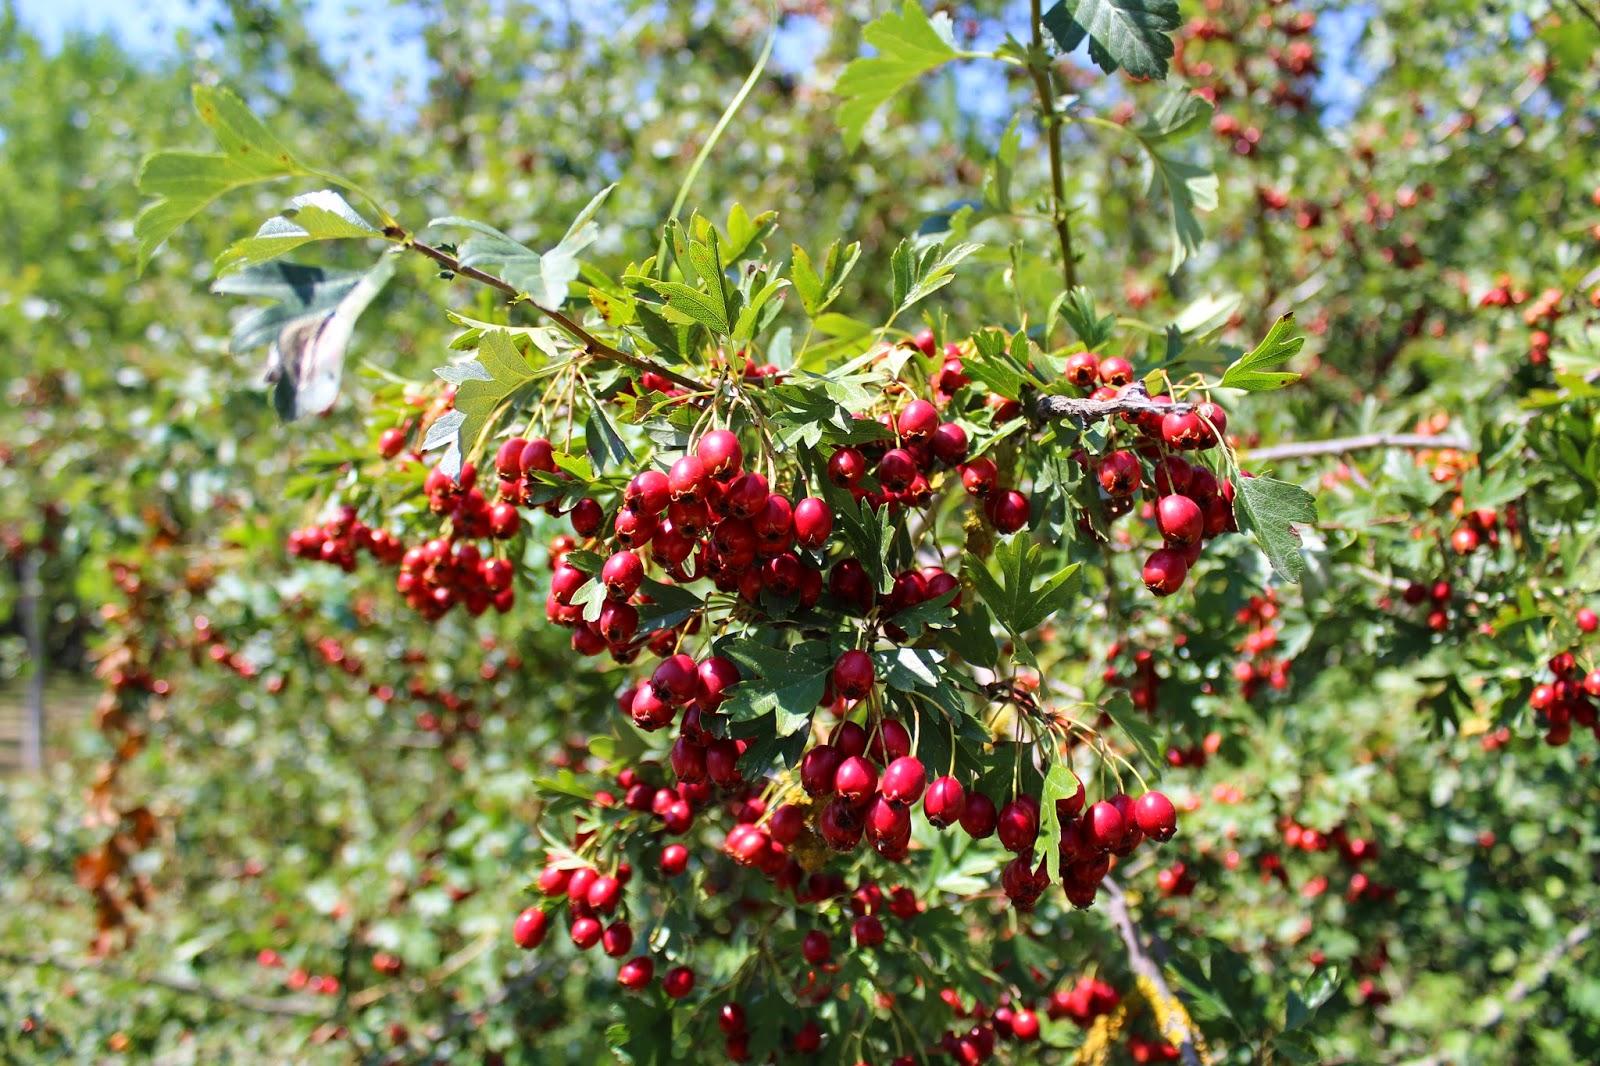 La rioja natural crataegus monogyna for Arbol de frutos rojos pequenos